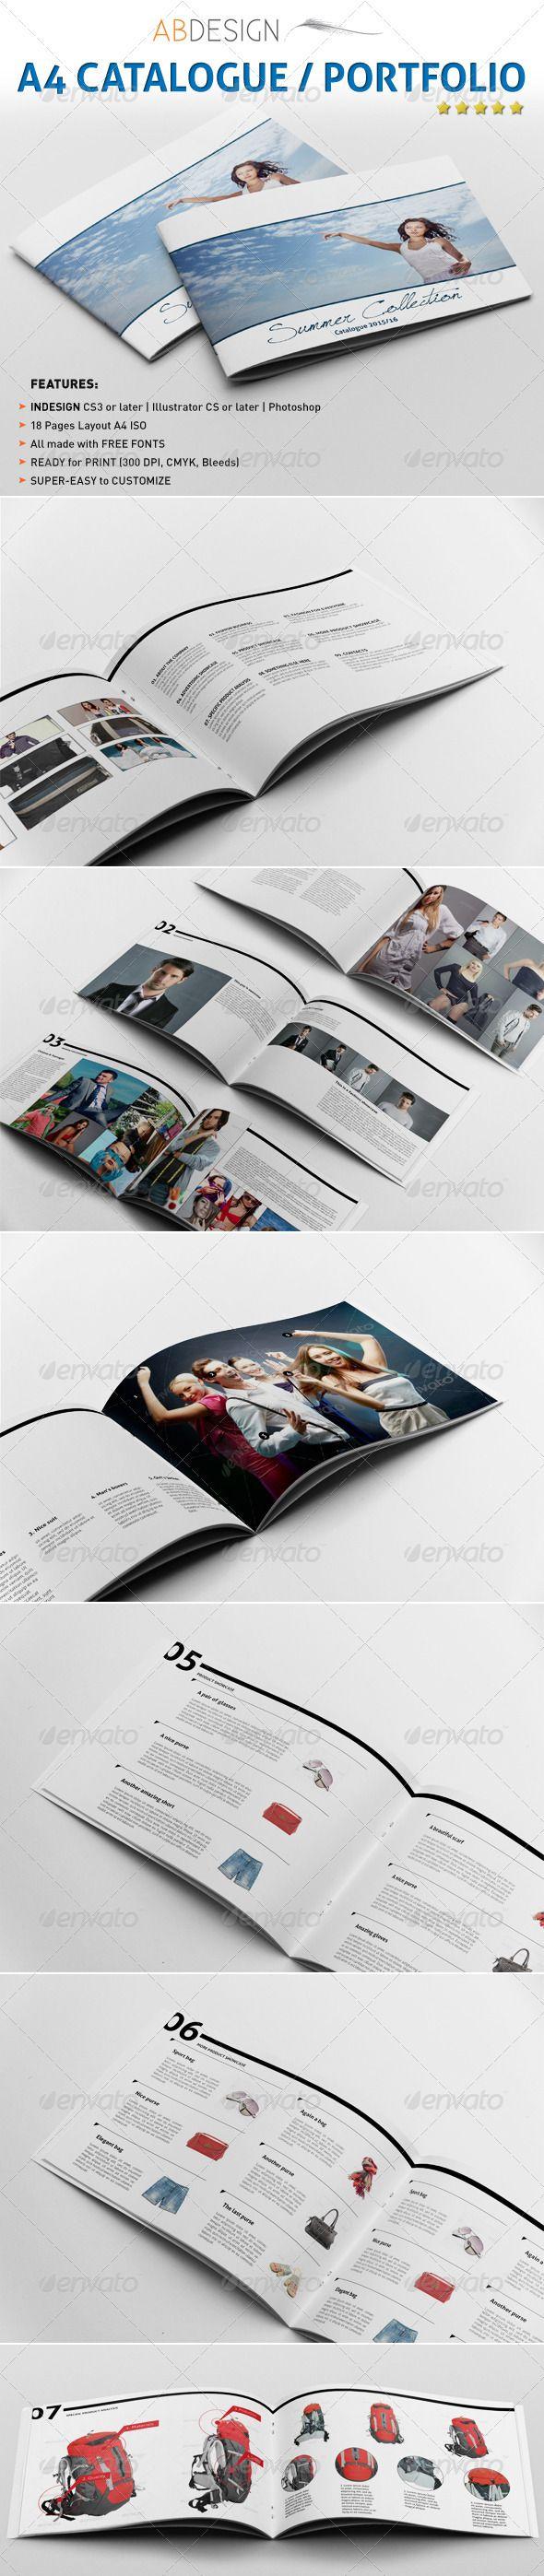 A4 catalogue portfolio